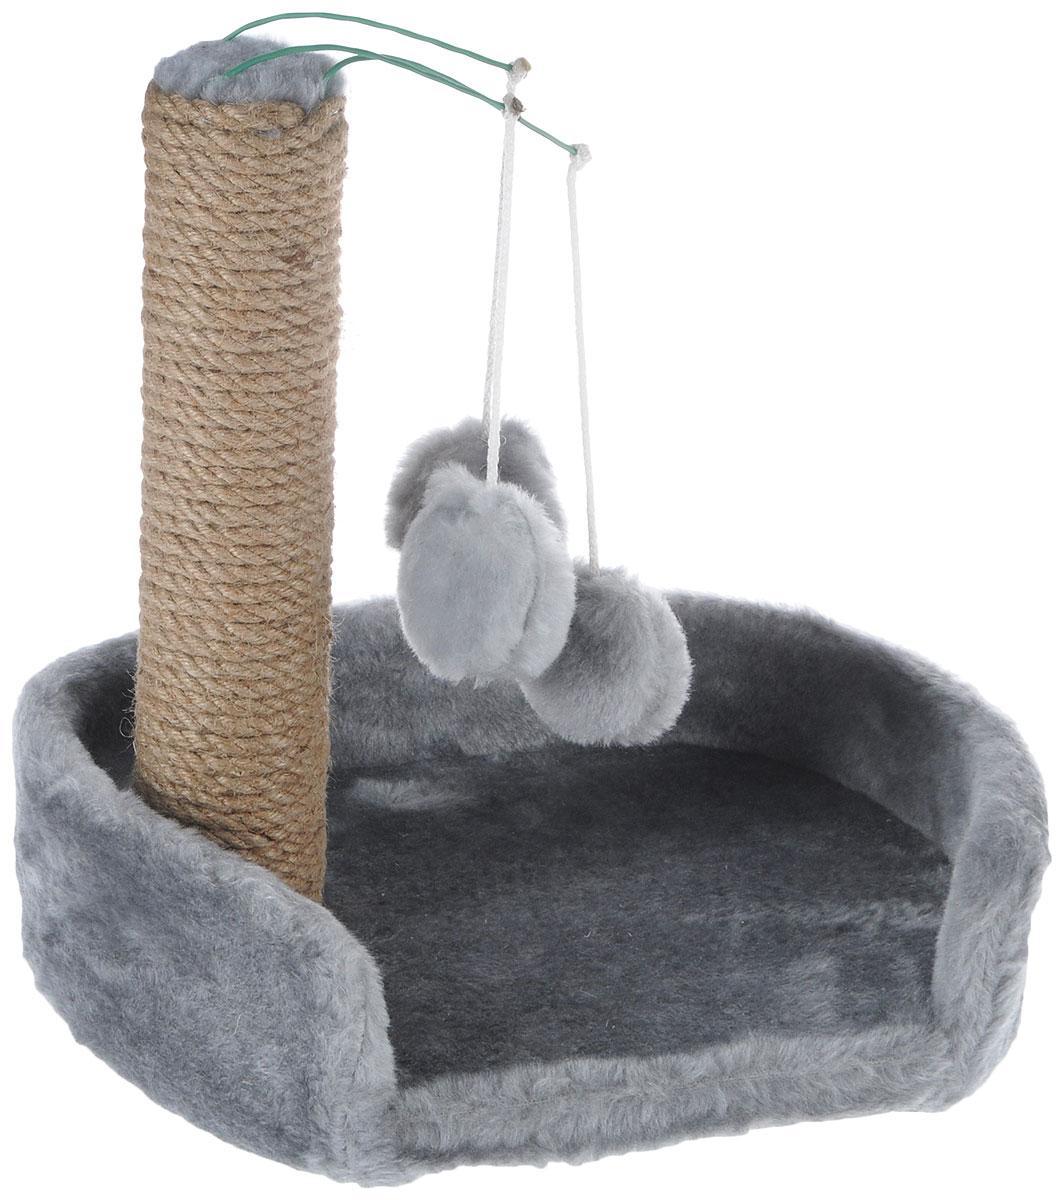 Когтеточка для котят Меридиан, с лежанкой, цвет: светло-серый, бежевый, 34 х 26 х 34 см0120710Когтеточка Меридиан предназначена для стачивания когтей вашего котенка и предотвращения их врастания. Она выполнена из ДВП и ДСП и обтянута искусственным мехом. Точатся когти о столбик из джута. Когтеточка оснащена подвесными игрушками, привлекающими внимание котенка. Внизу имеется спальное место.Когтеточка позволяет сохранить неповрежденными мебель и другие предметы интерьера.